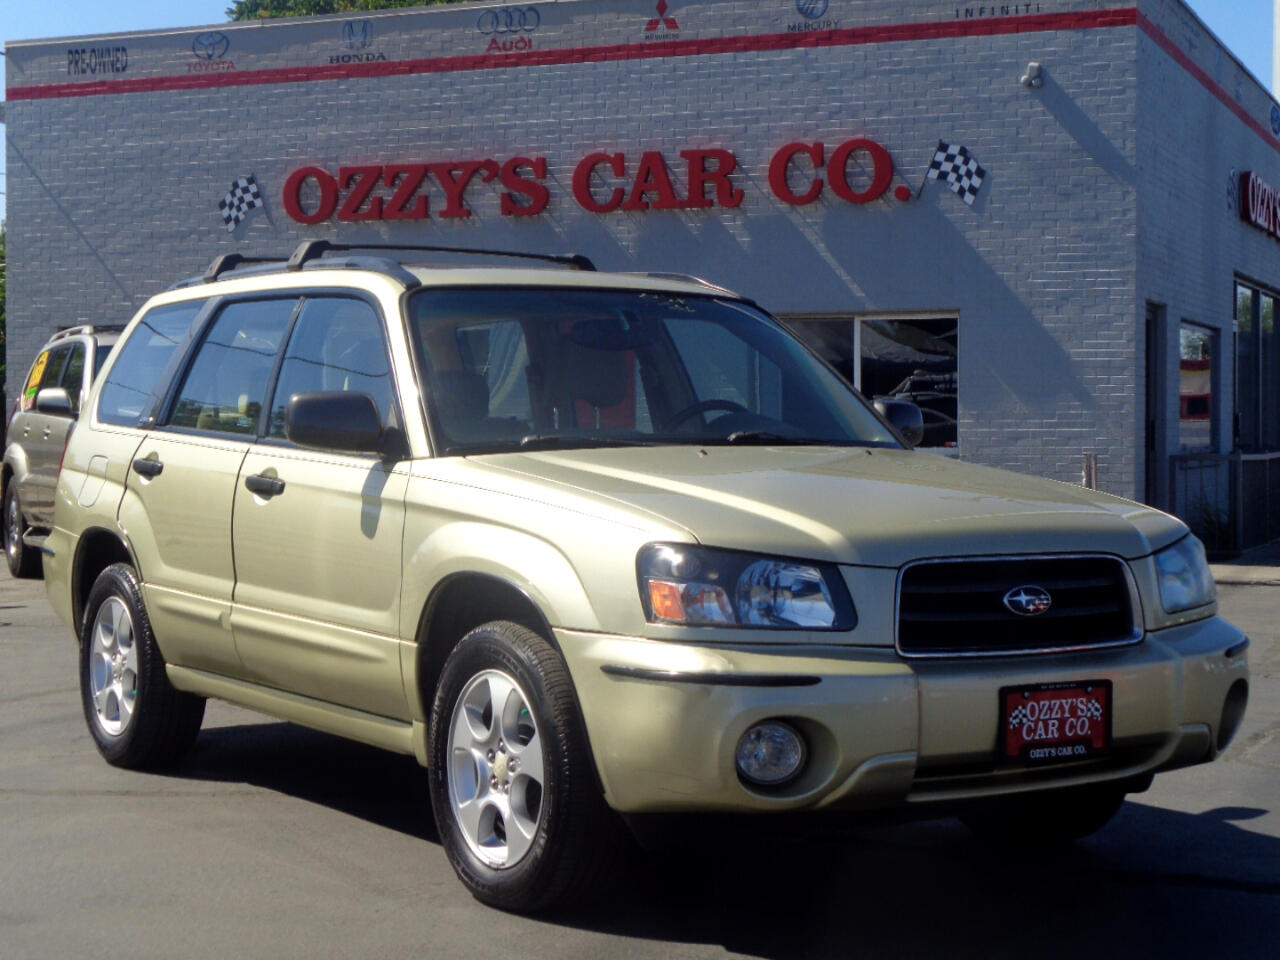 2003 Subaru Forester 4dr 2.5 XS Auto